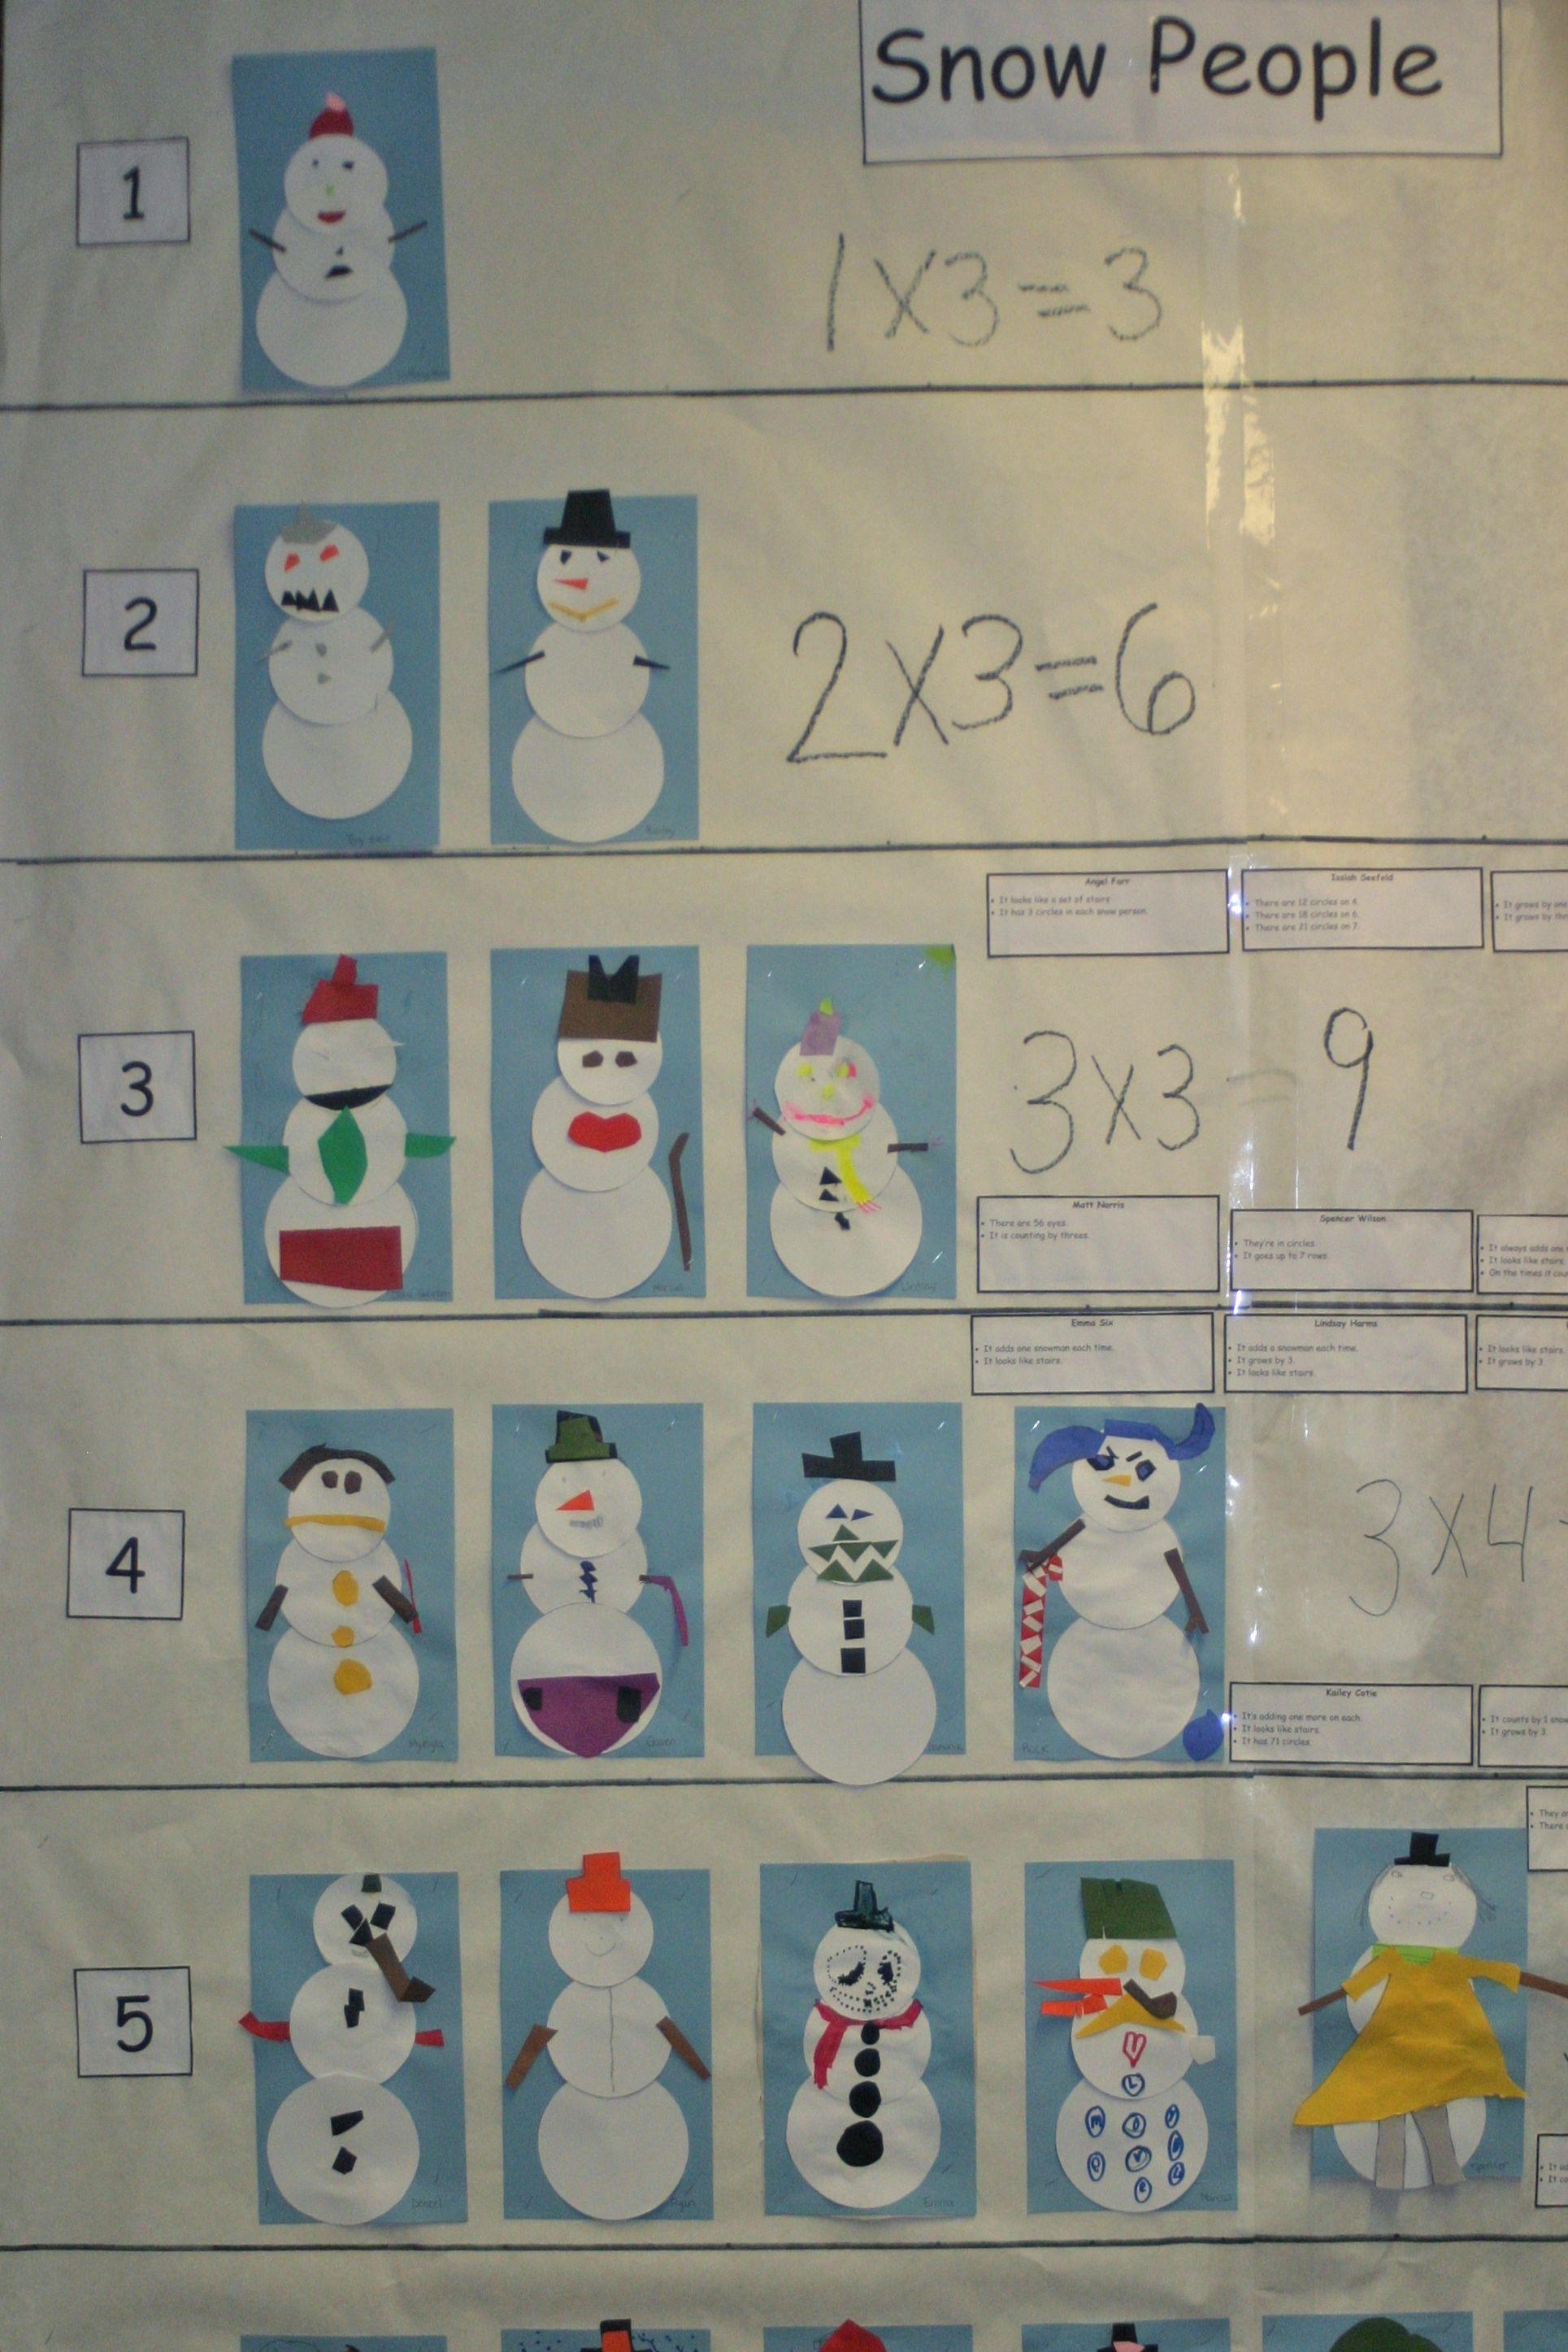 Bridges Math 2nd Grade Snowman Poster Multiplication Times